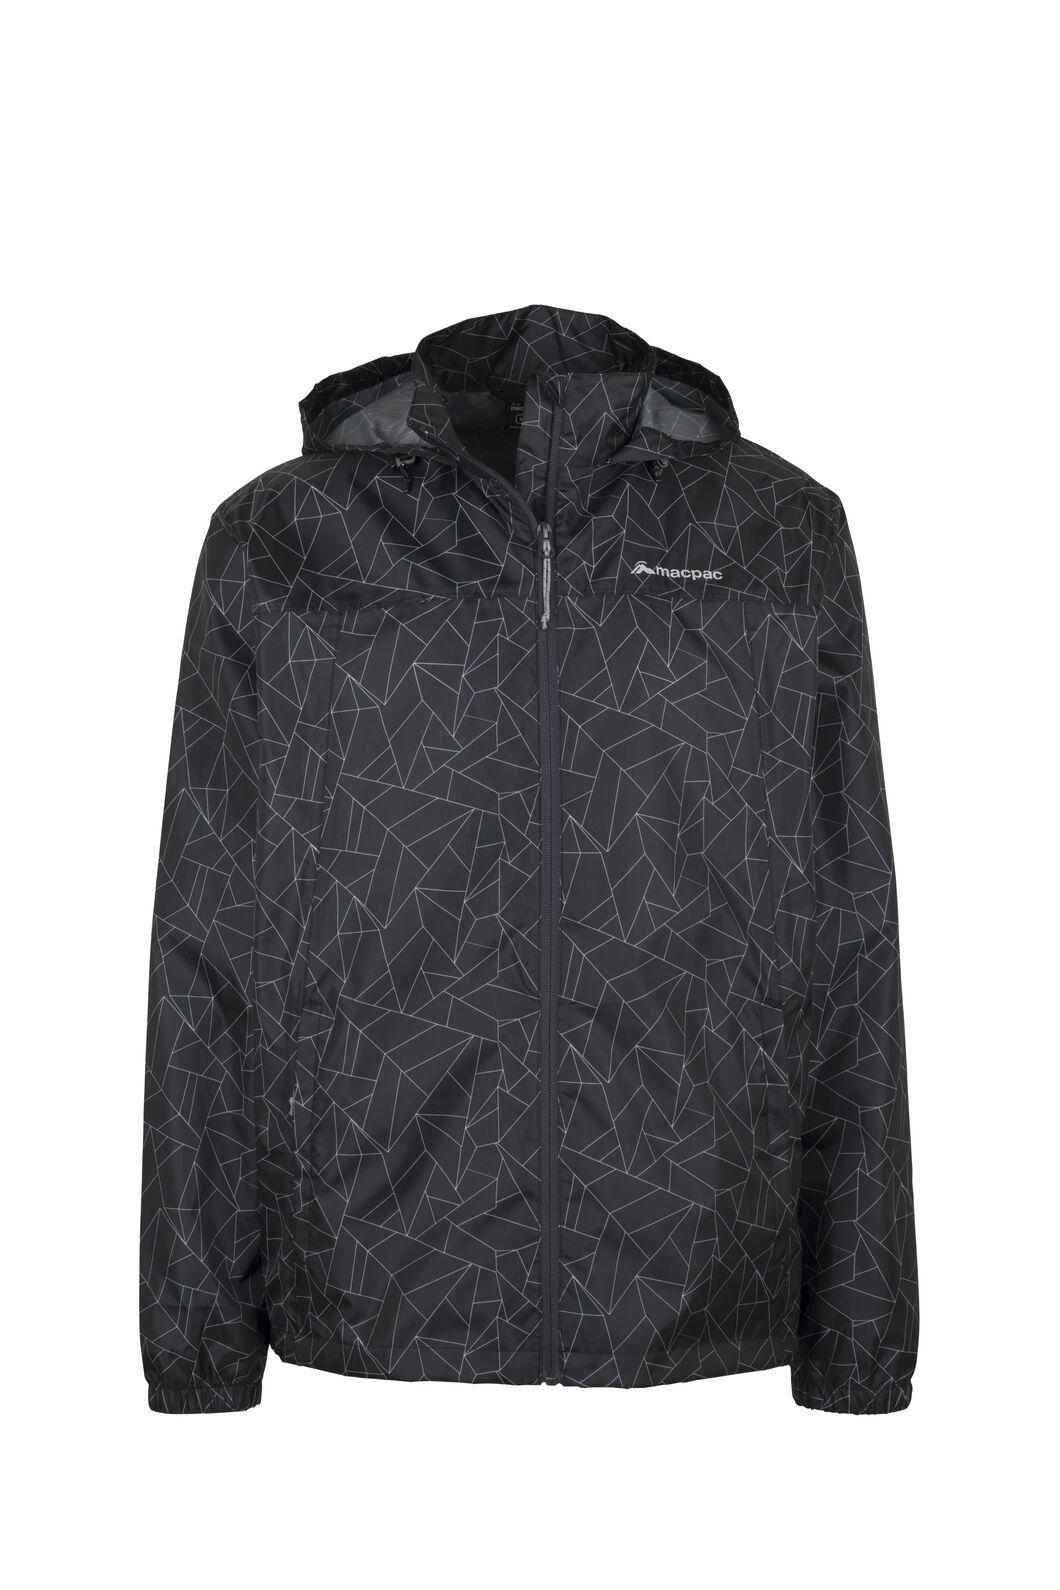 Macpac Pack-It-Jacket - Unisex, Black Geo Print, hi-res